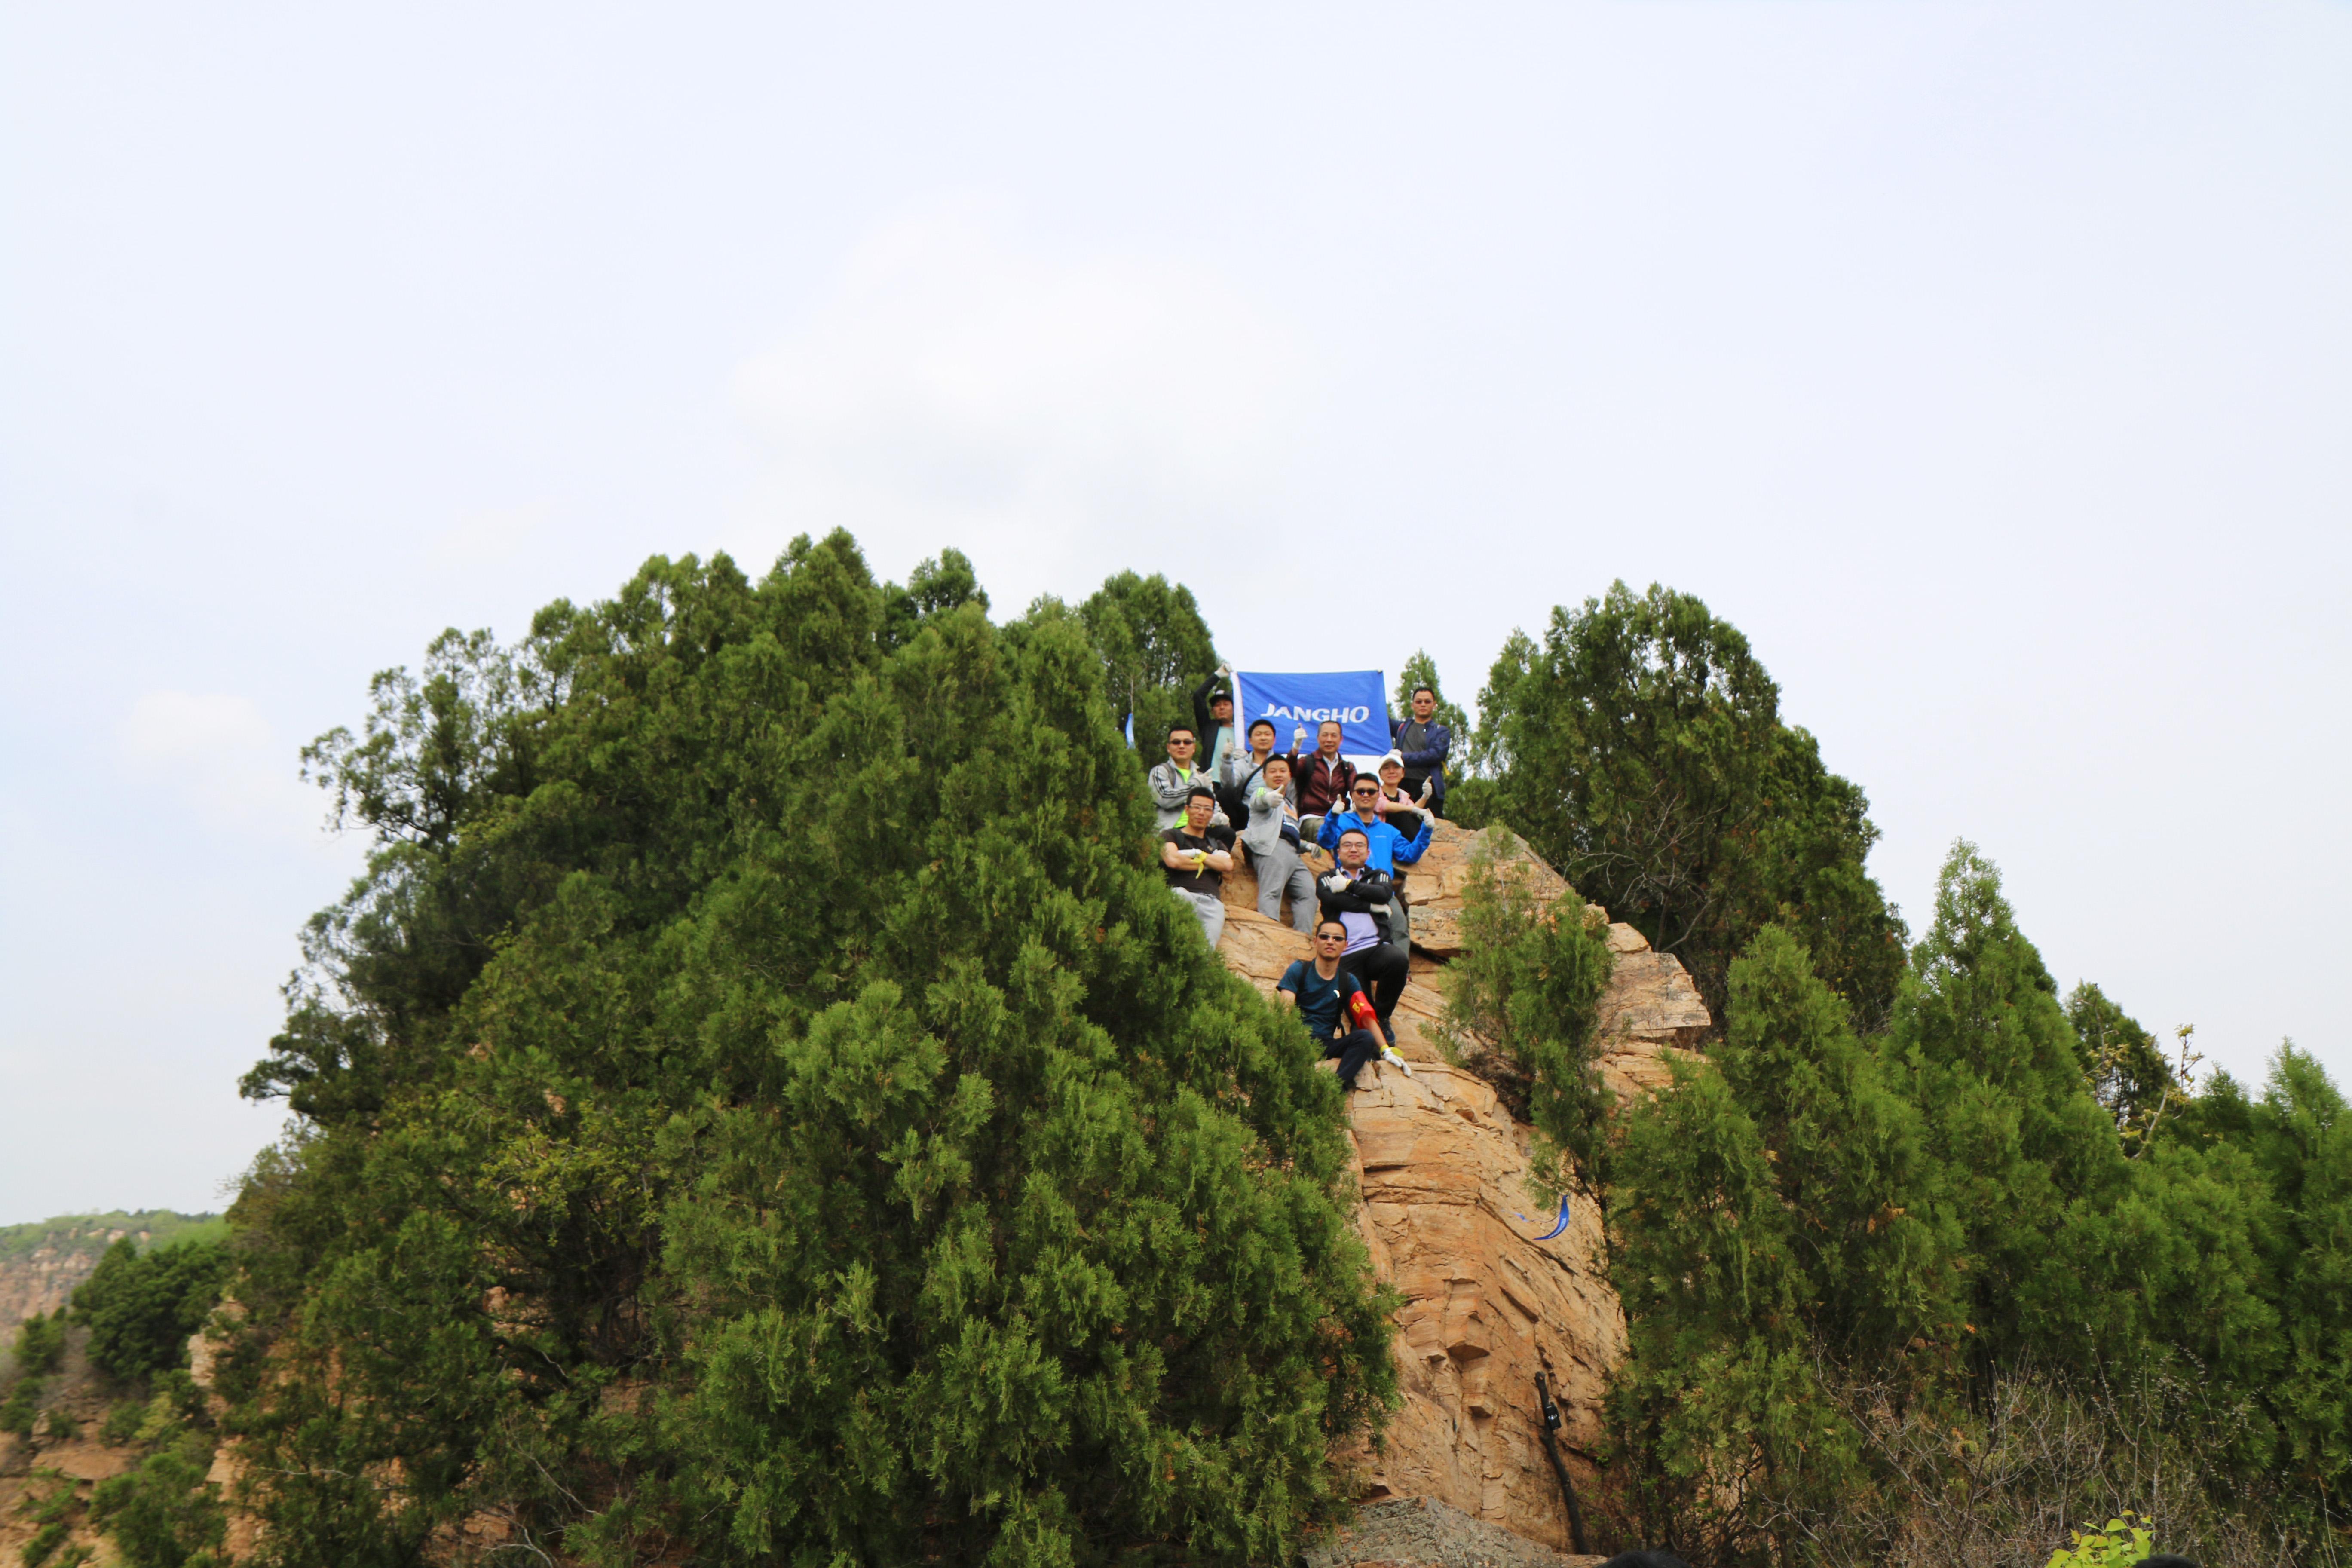 挑战自我,勇往直前——澳门太阳娱乐娱城徒步登山拉练活动心得